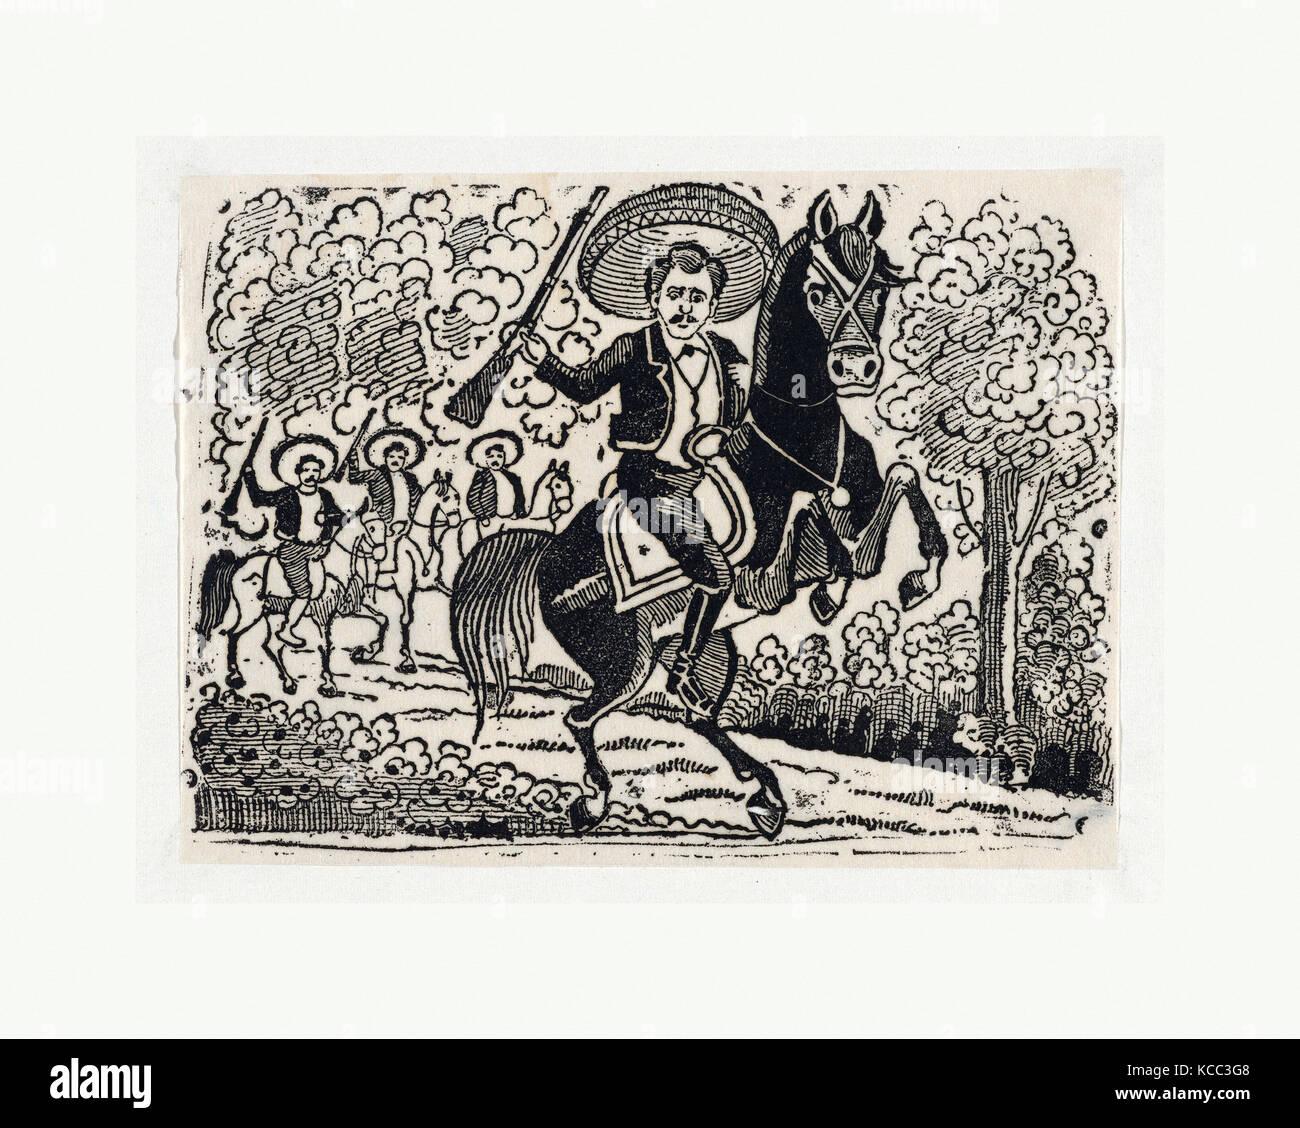 Dibujos CaballoEscena De Y GrabadosImpresiónEmiliano A Zapata WE29DYIH